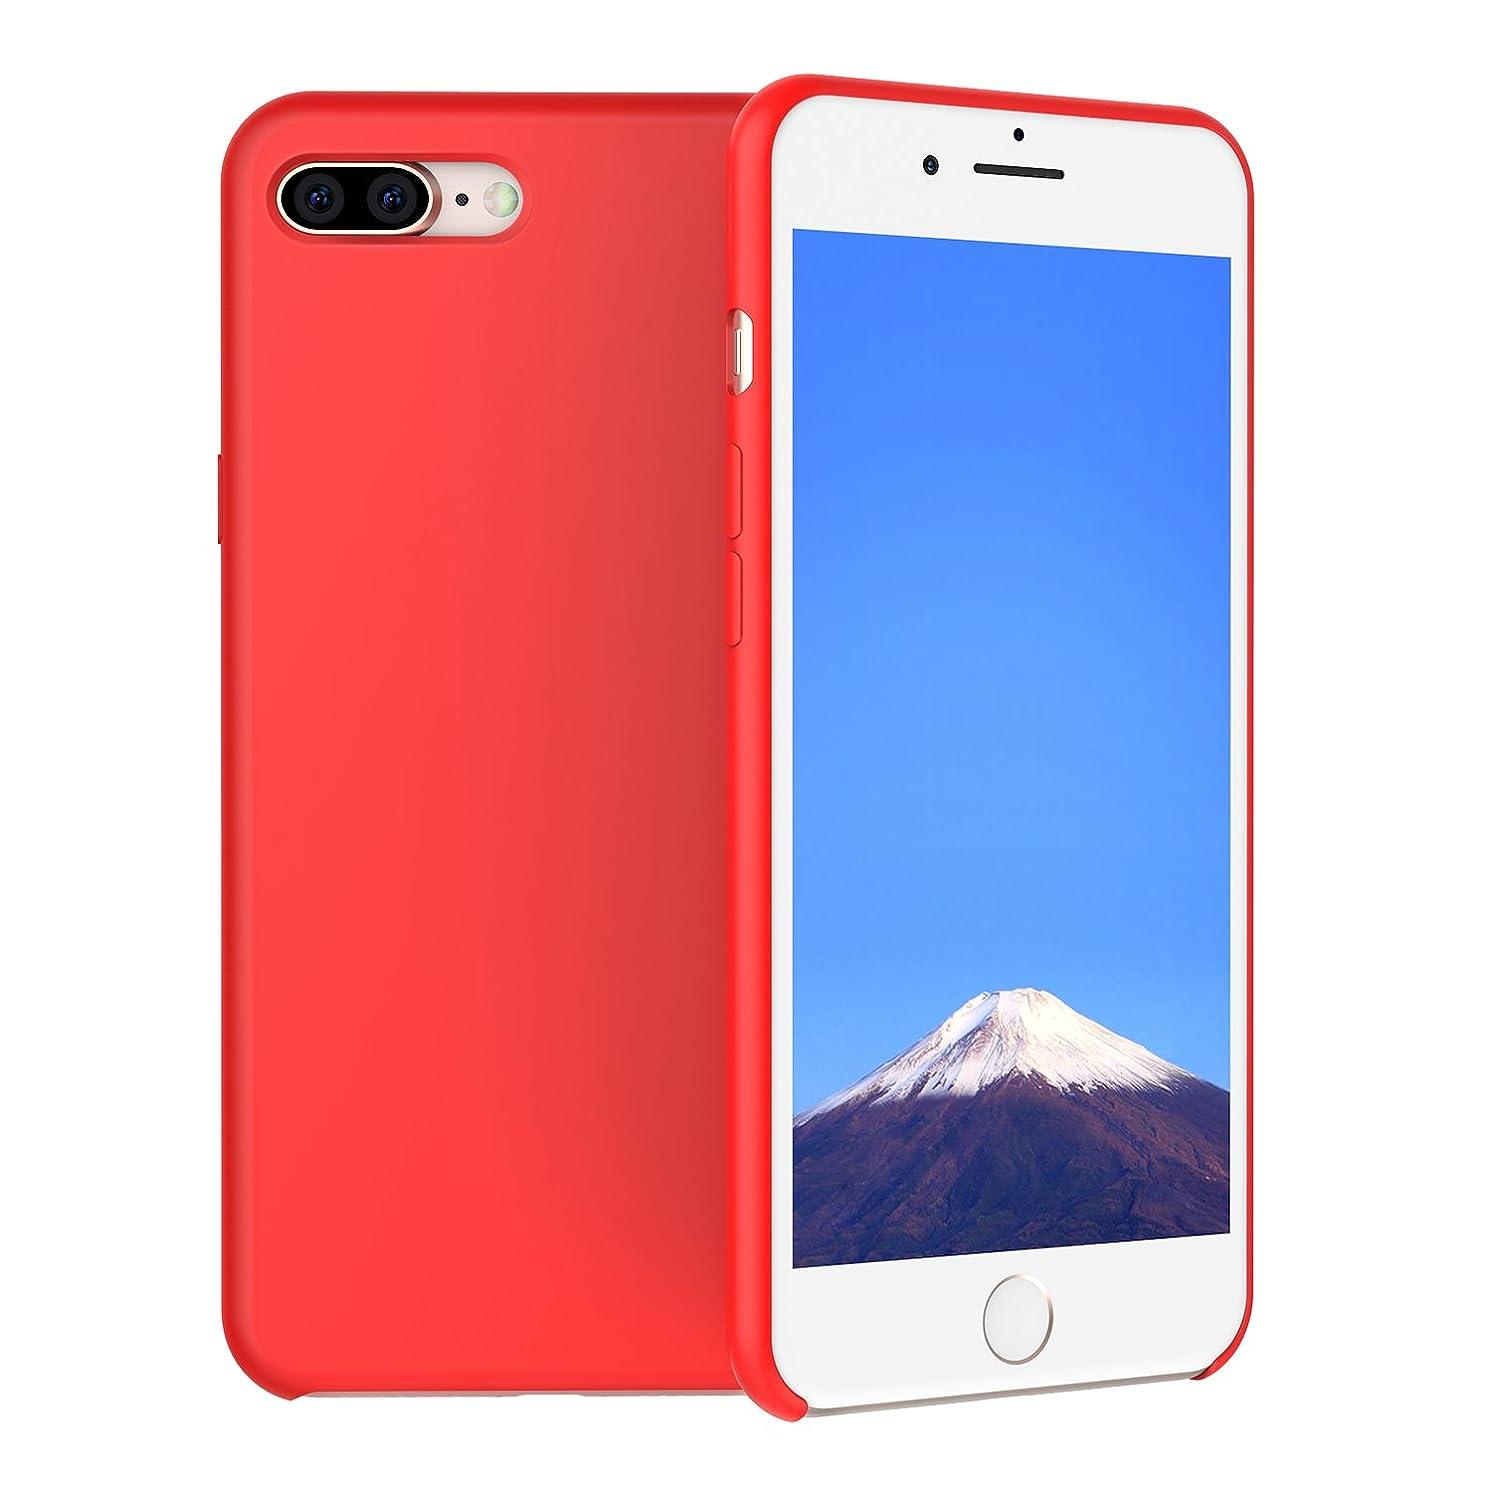 通常ゴミ箱駅SHUNION Iphone8Plus Iphone7Plusケースカバーレッド - アイフォン8プラスアイフォン7プラスバンパー液態シリカゲル素材全面耐衝撃指紋防止純正チー対応